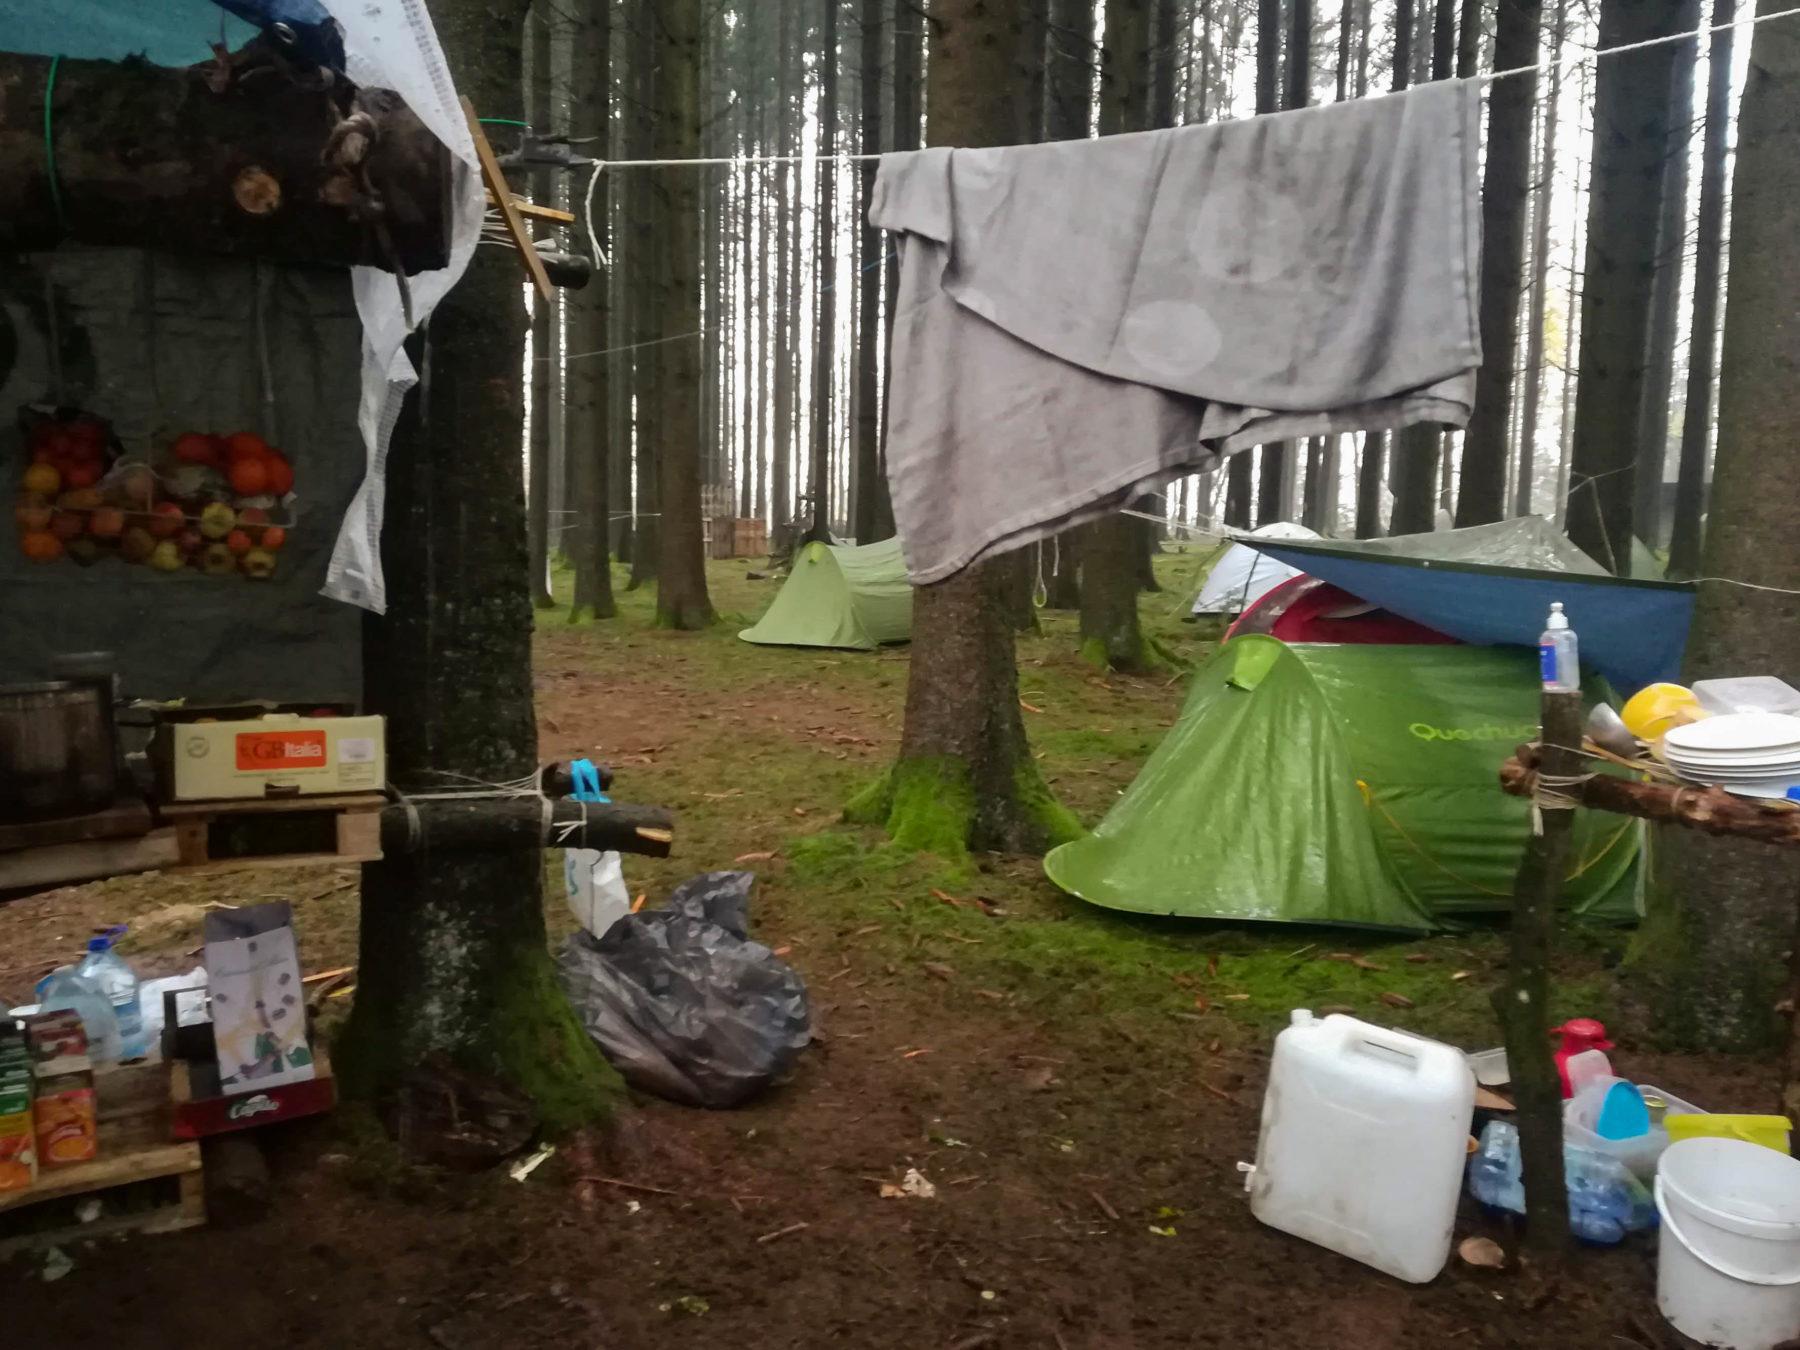 campement de la zad, un tente, un essuie qui pend sur une corde.